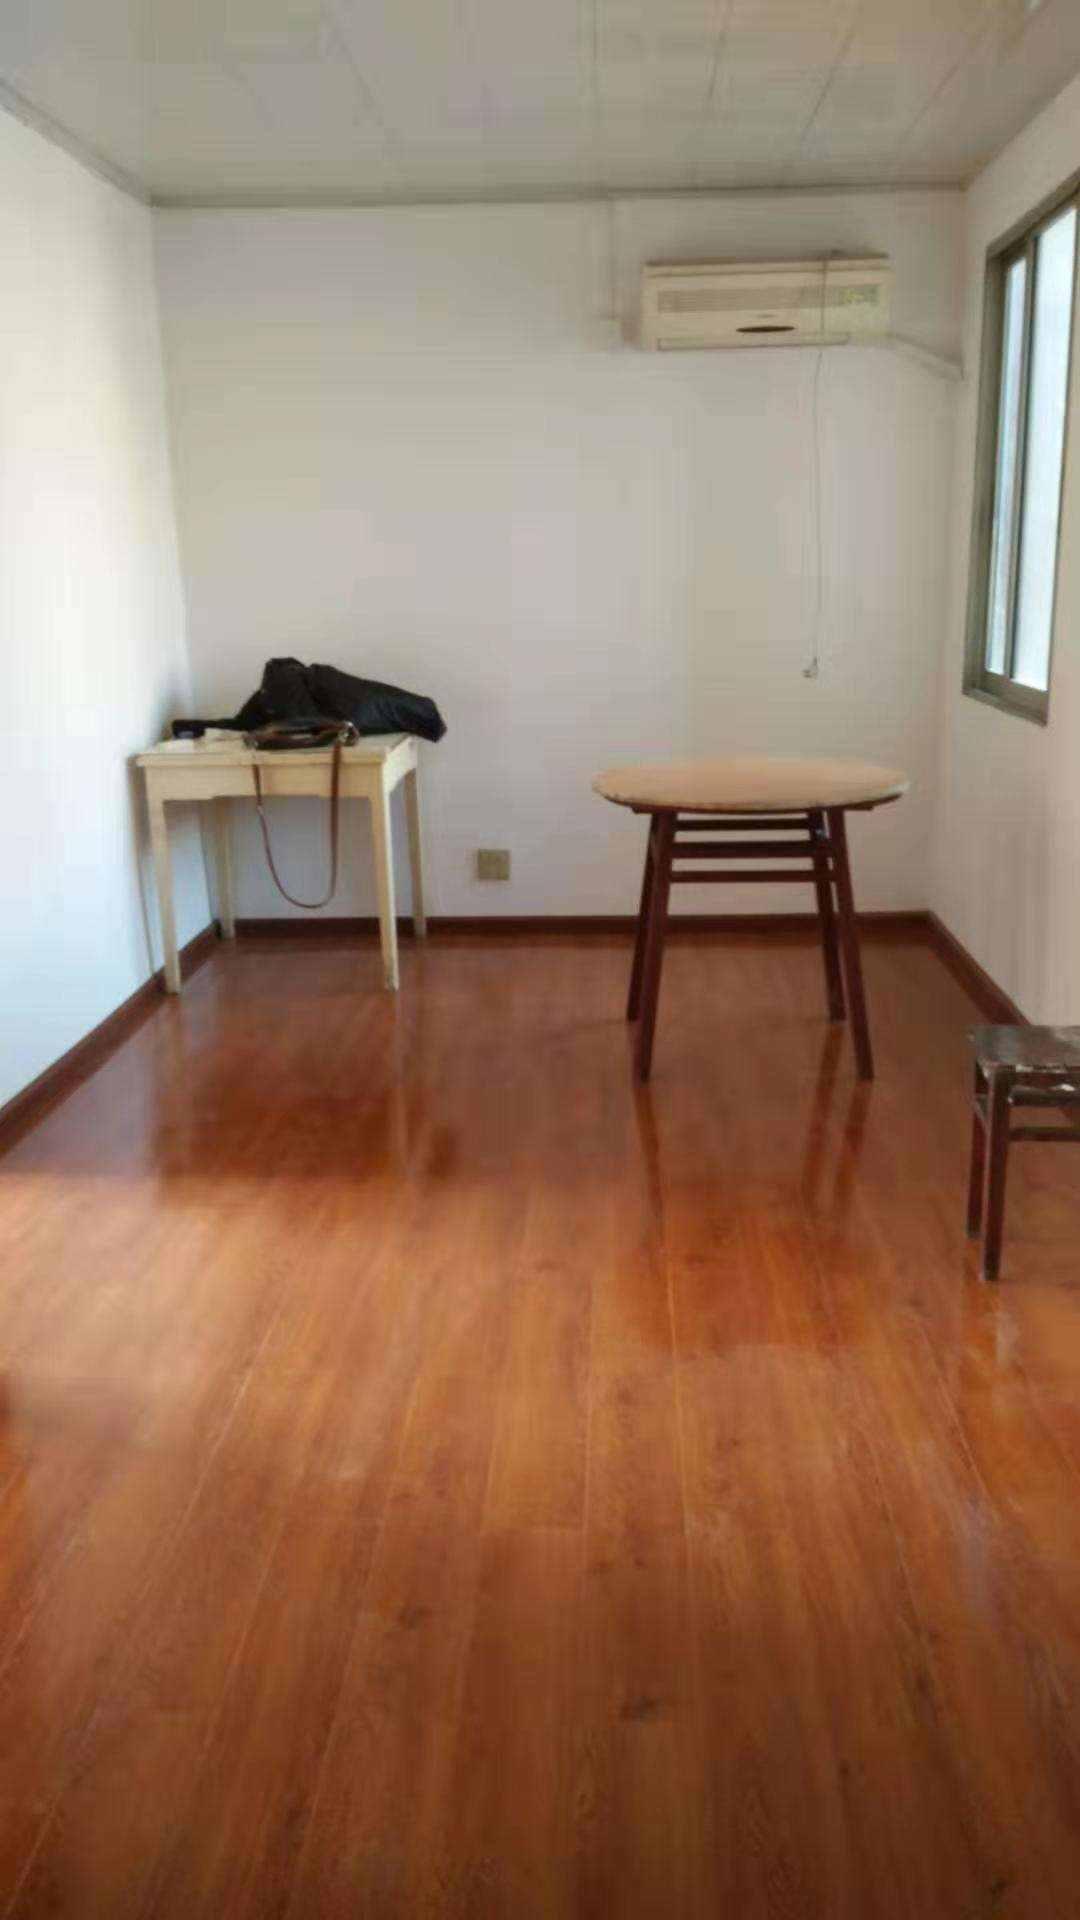 A01182越秀里5/6楼,68平方,2室1厅1厨1卫1储藏室,实用面积有70多方,车棚一只,售价53.8万